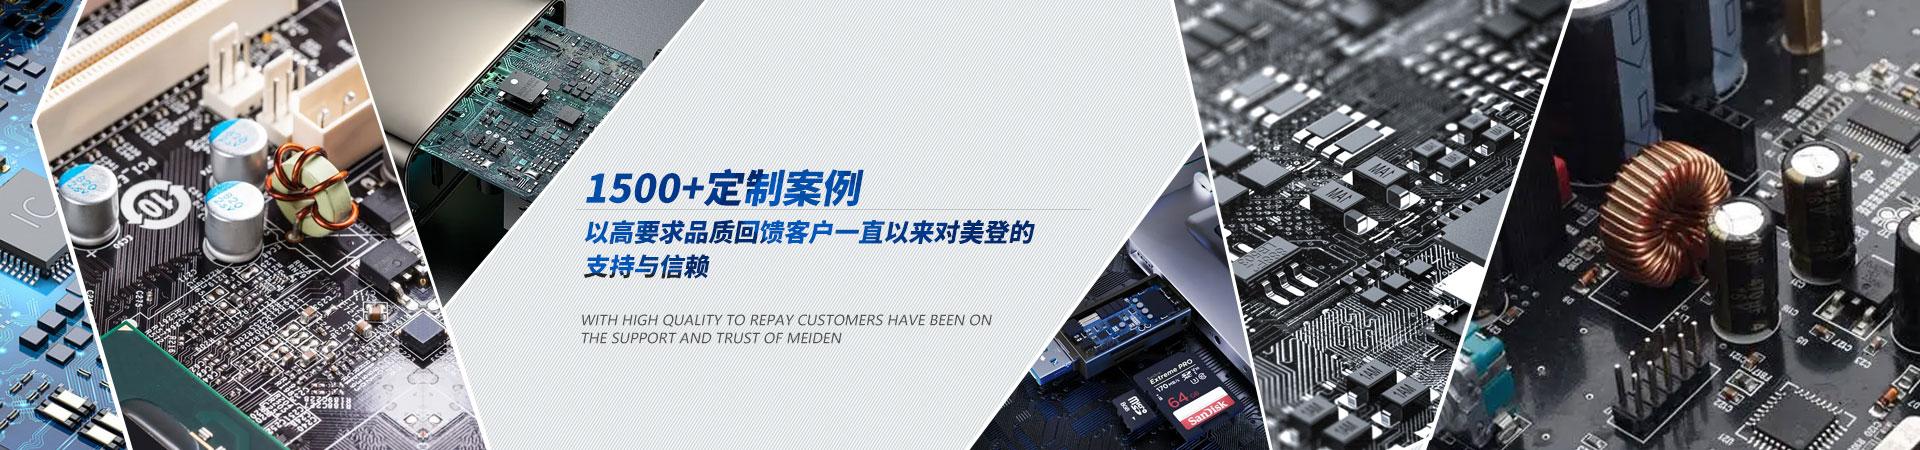 美登电子:以高要求品质回馈客户一直以来对美登的支持与信赖